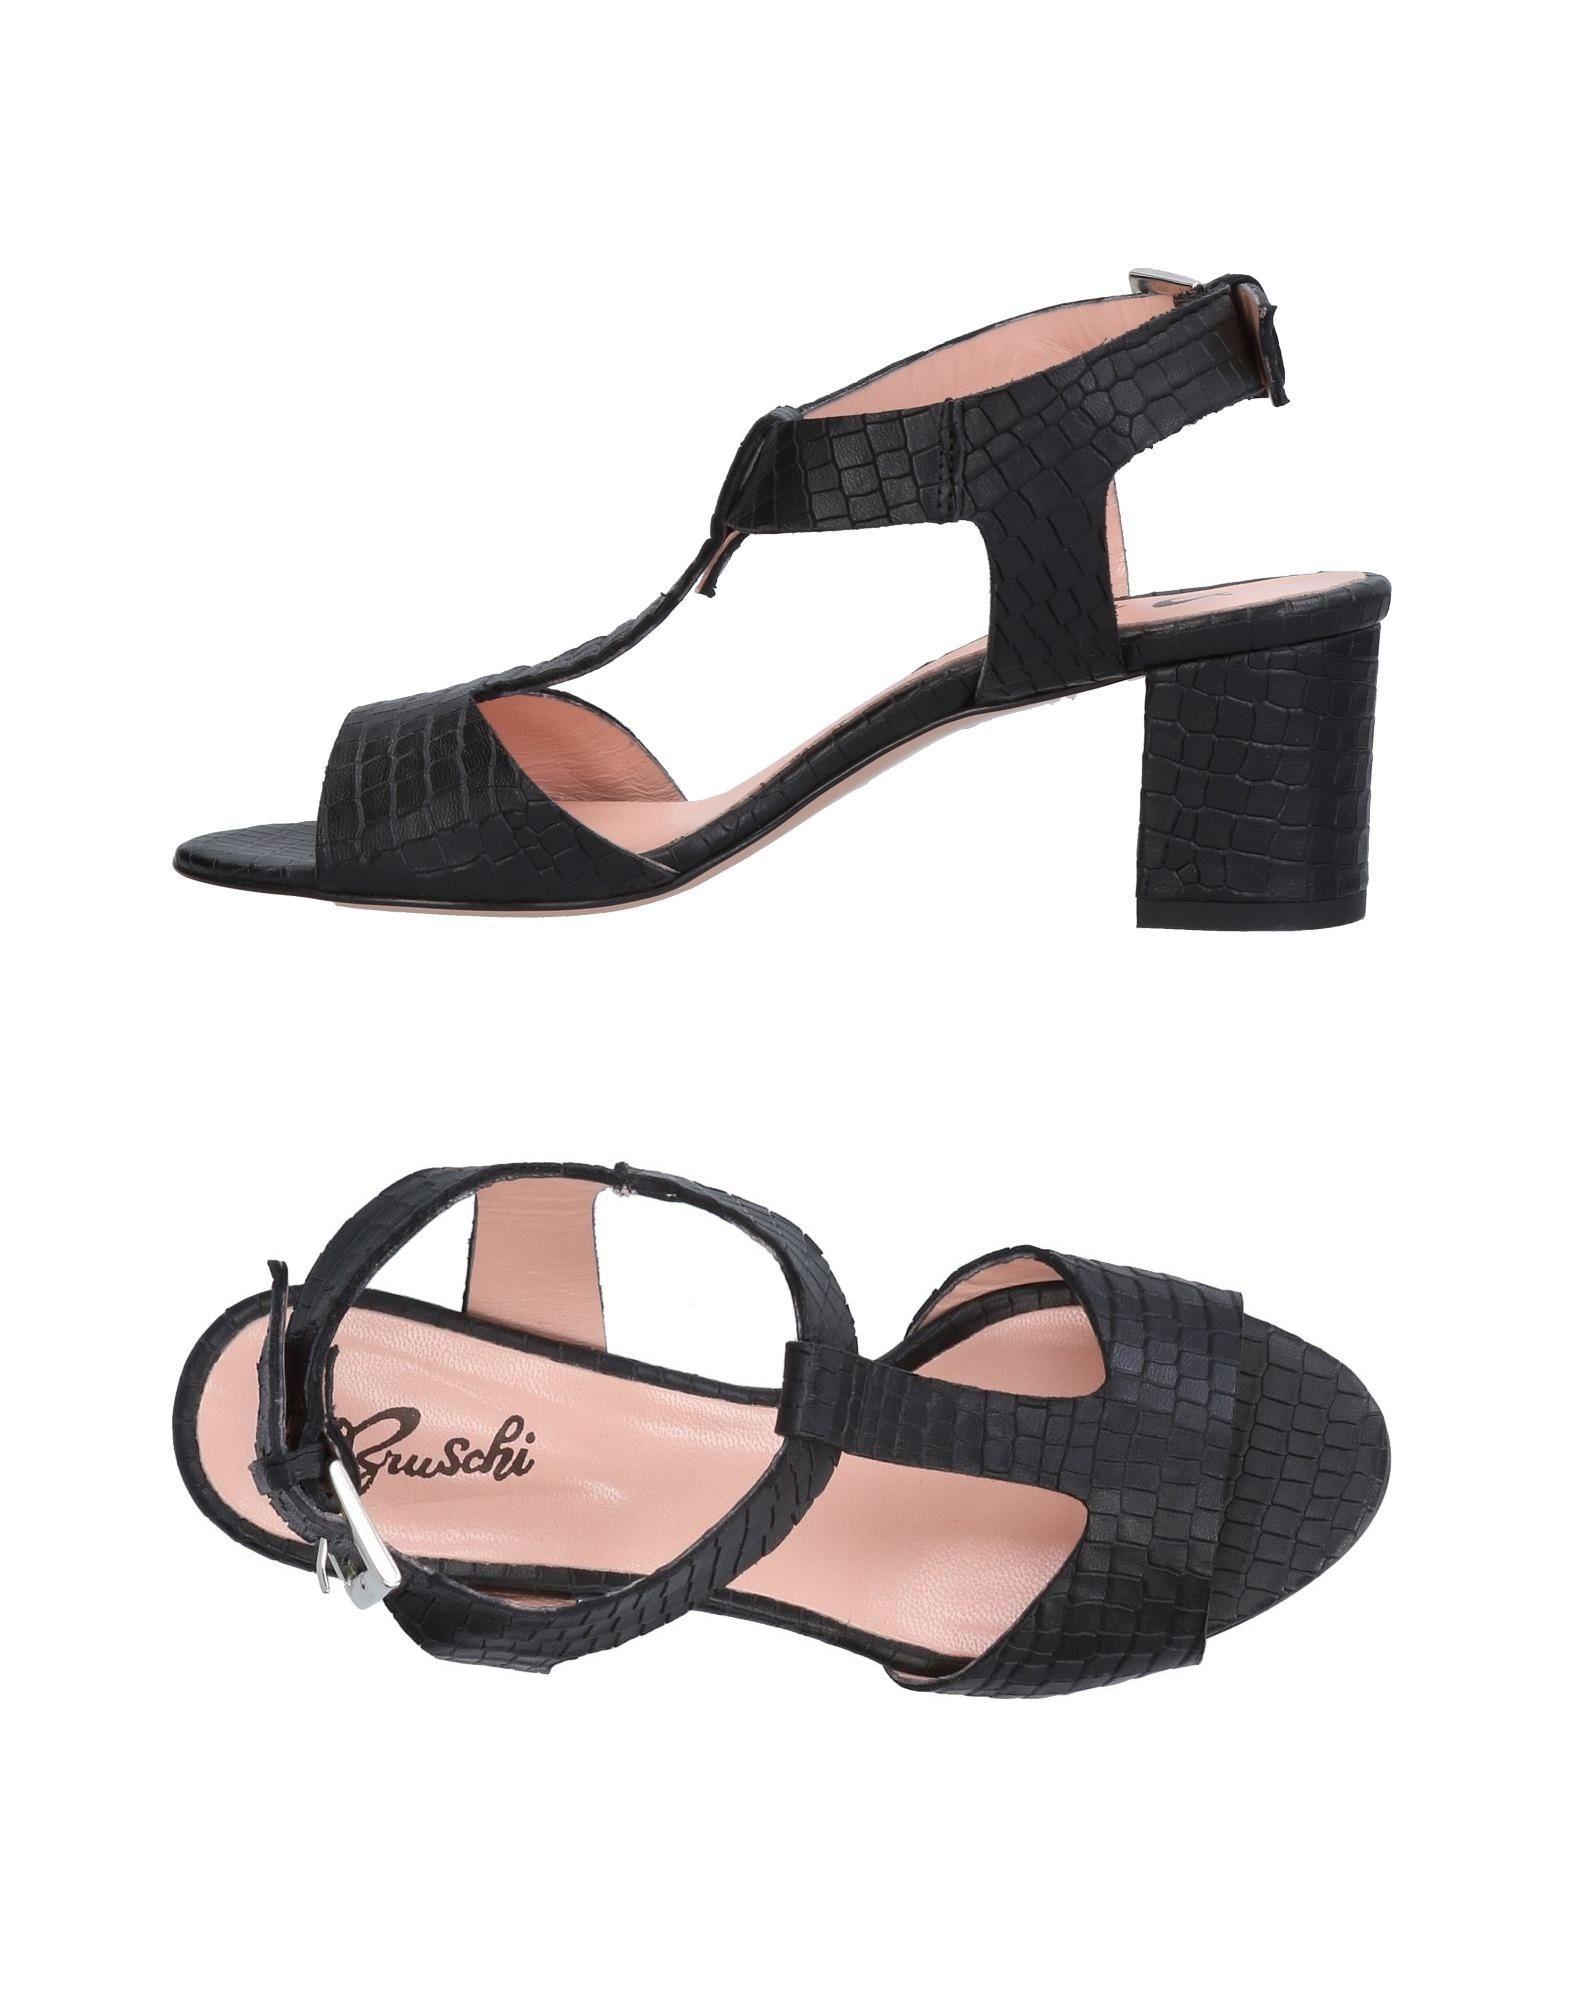 Haltbare Mode billige Schuhe Bruschi Sandalen Damen  11459066GE Heiße Schuhe